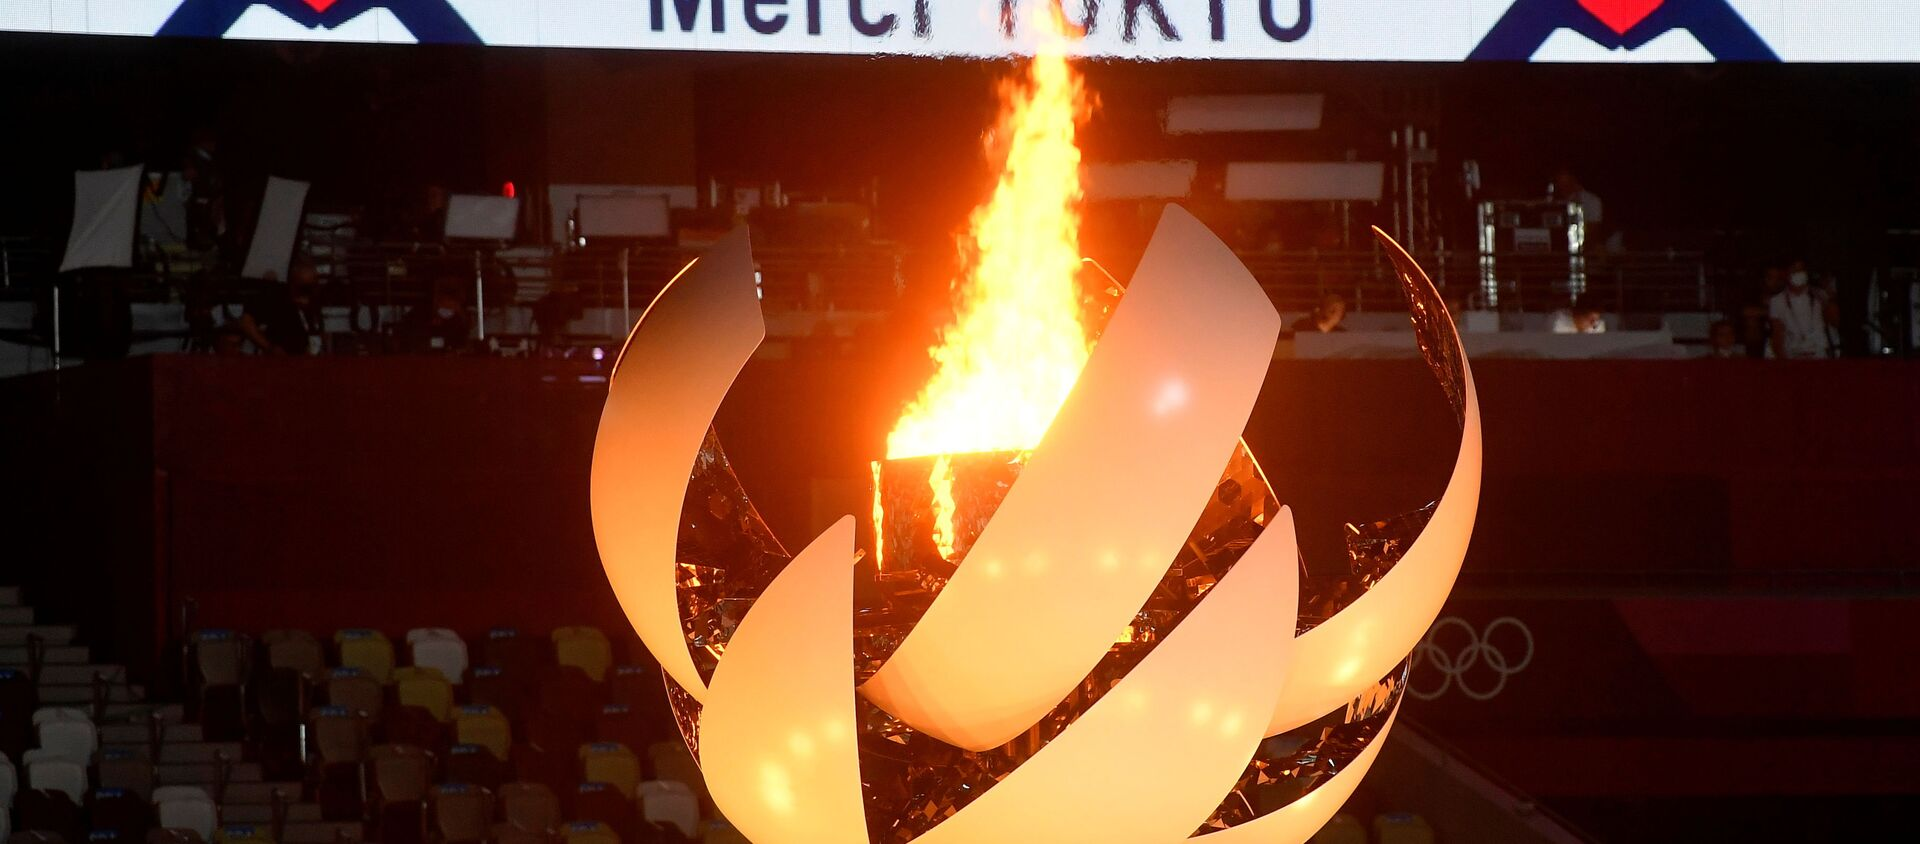 Торжественная церемония закрытия XXXII летних Олимпийских игр в Токио  - Sputnik Արմենիա, 1920, 09.08.2021